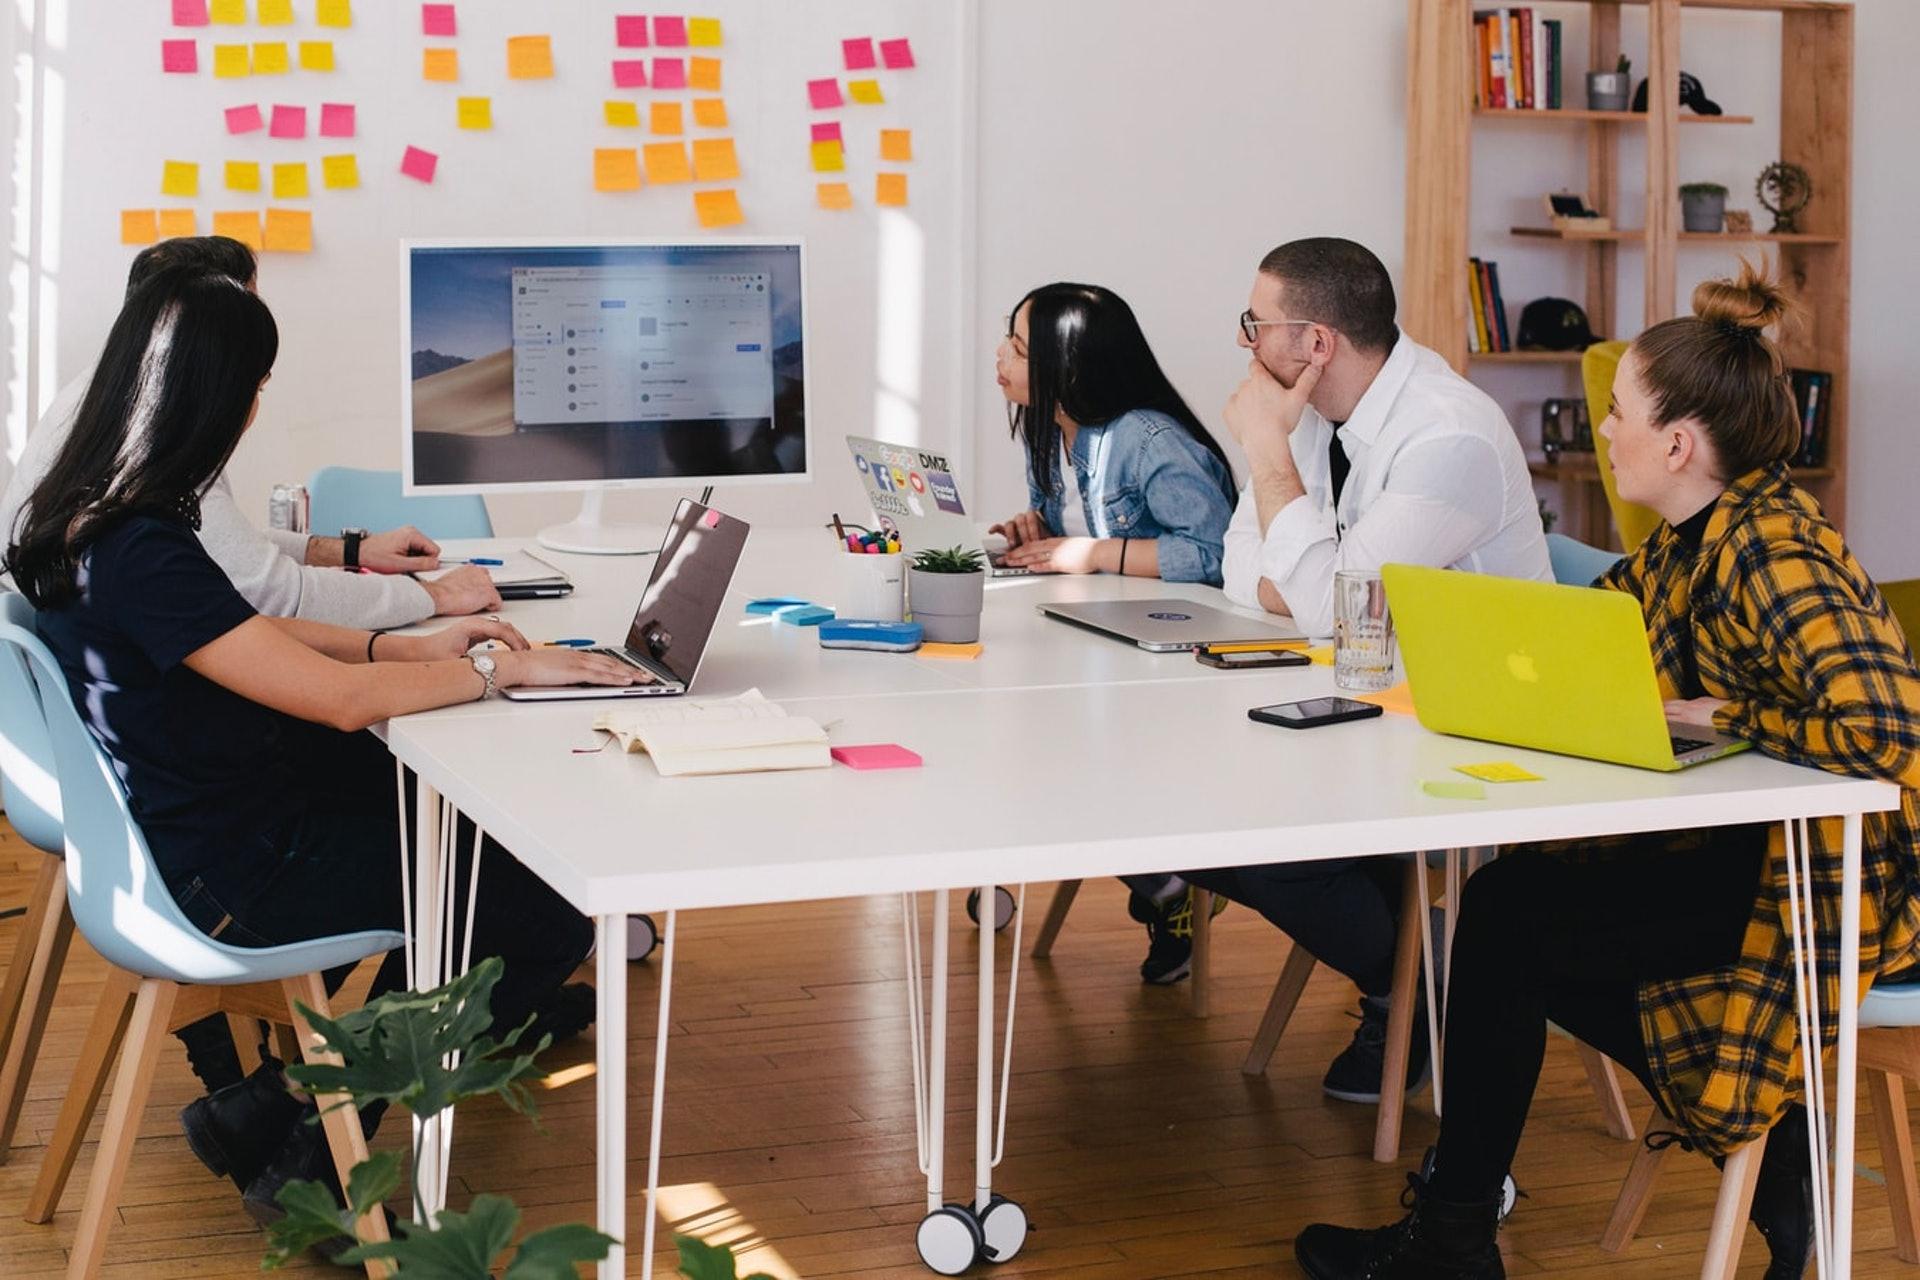 高效能的優秀經理人應該把員工布署於他們已經嫻熟的領域。(unsplash/youxventures)